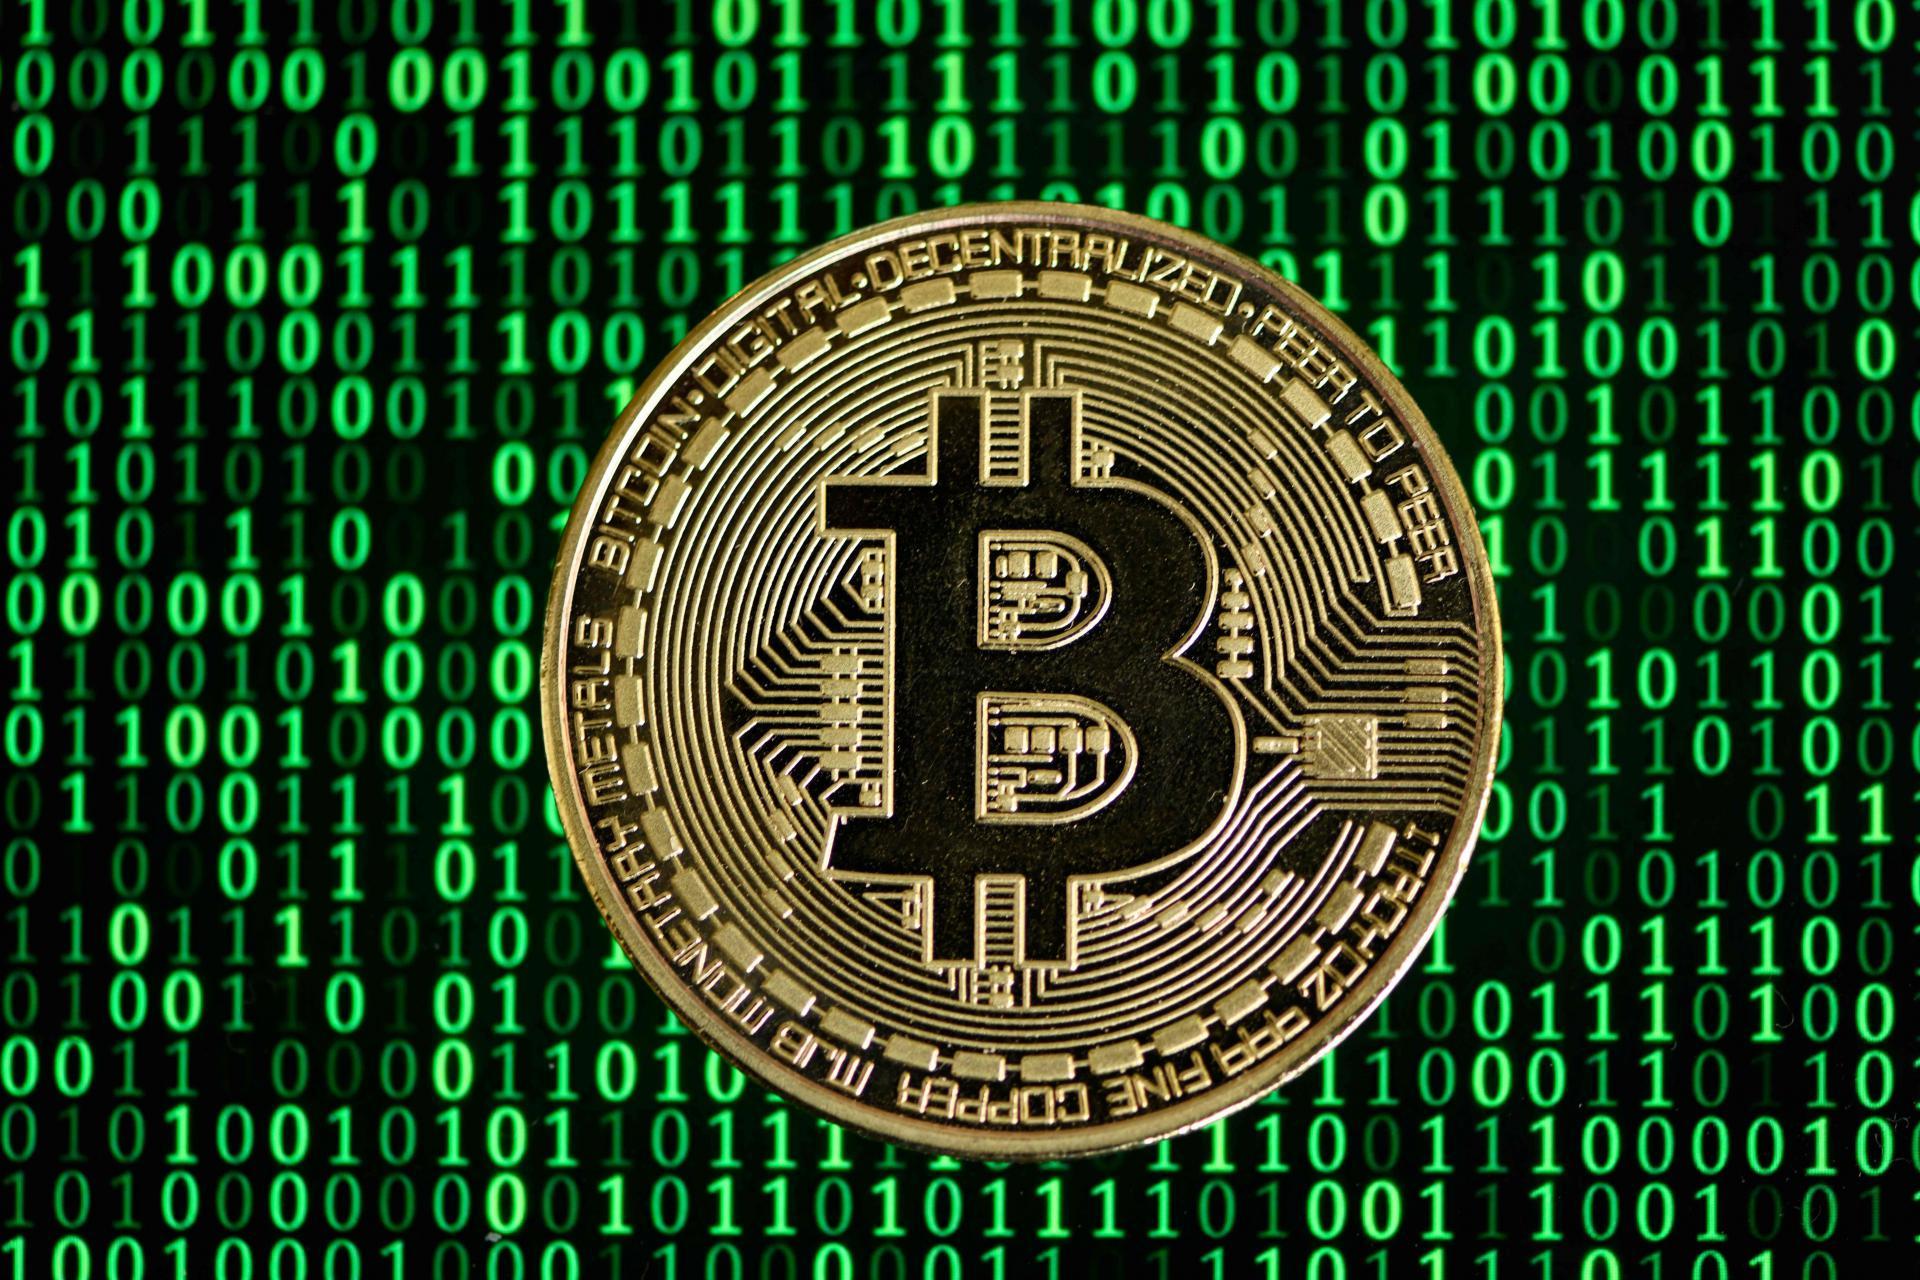 kako uložiti u bitcoin na scottrade bitmex kripto trgovački list